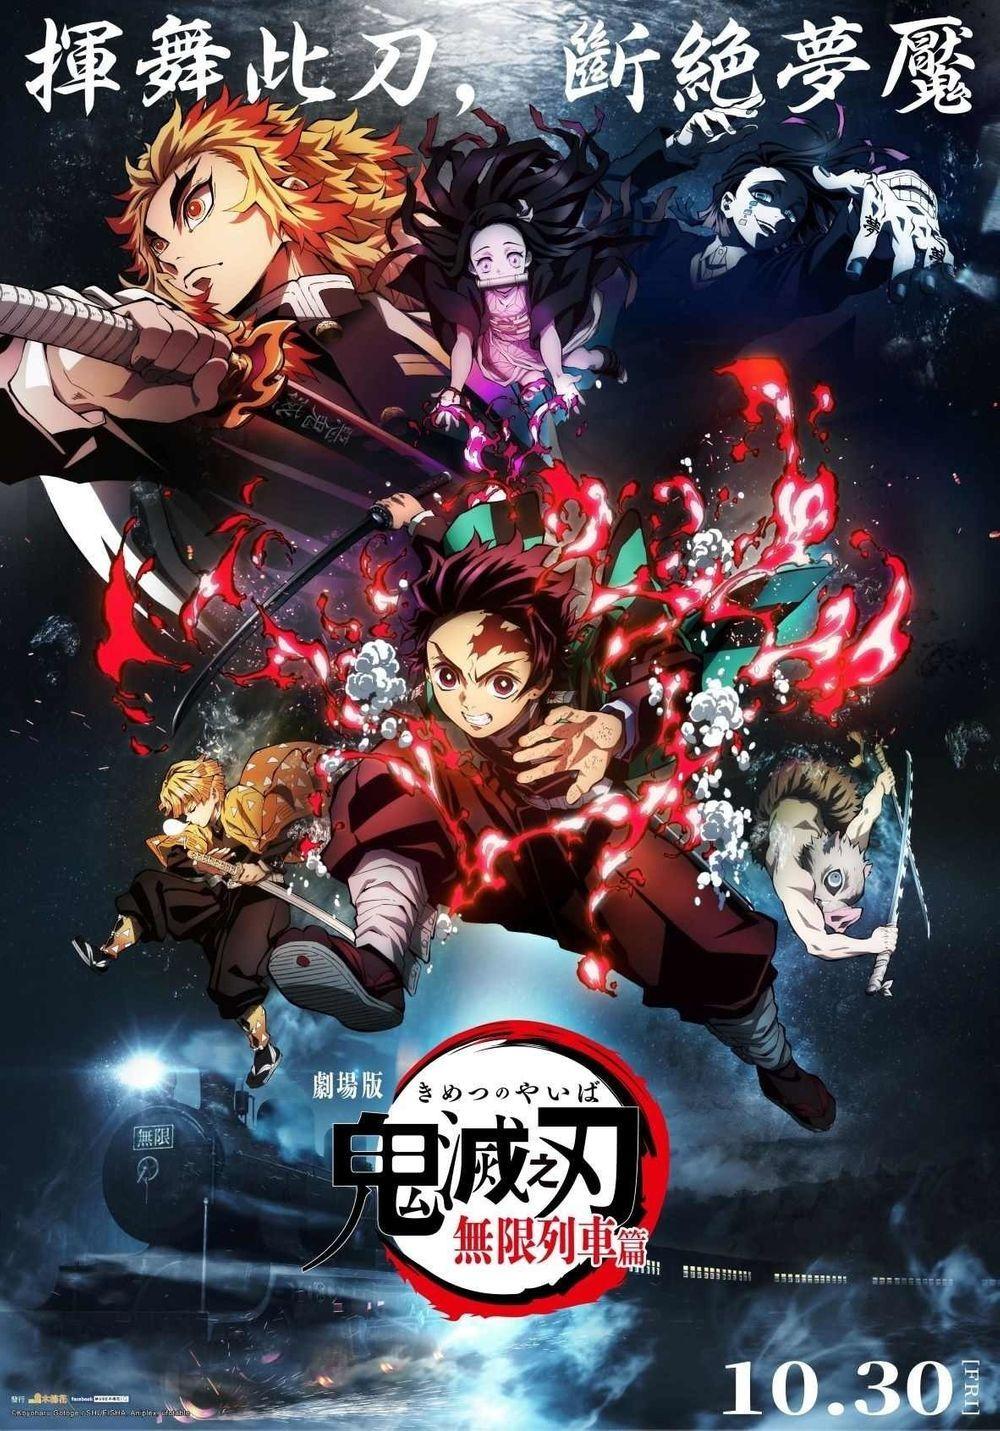 《鬼灭之刃无限列车篇》登上日本影史票房第三名台湾省票房已达4.5 亿